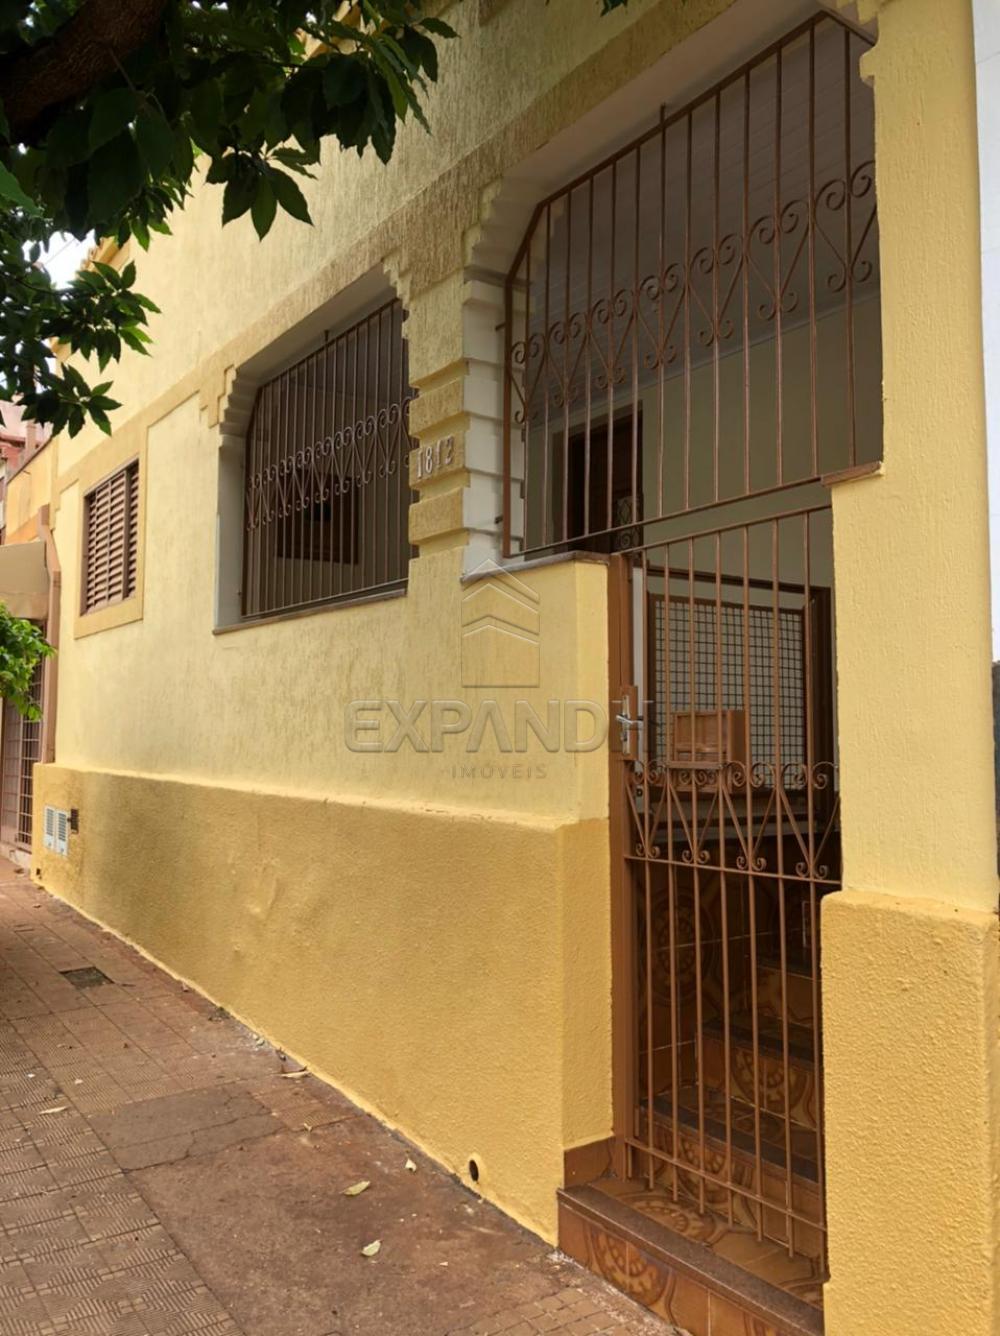 Alugar Casas / Padrão em Sertãozinho R$ 925,00 - Foto 1